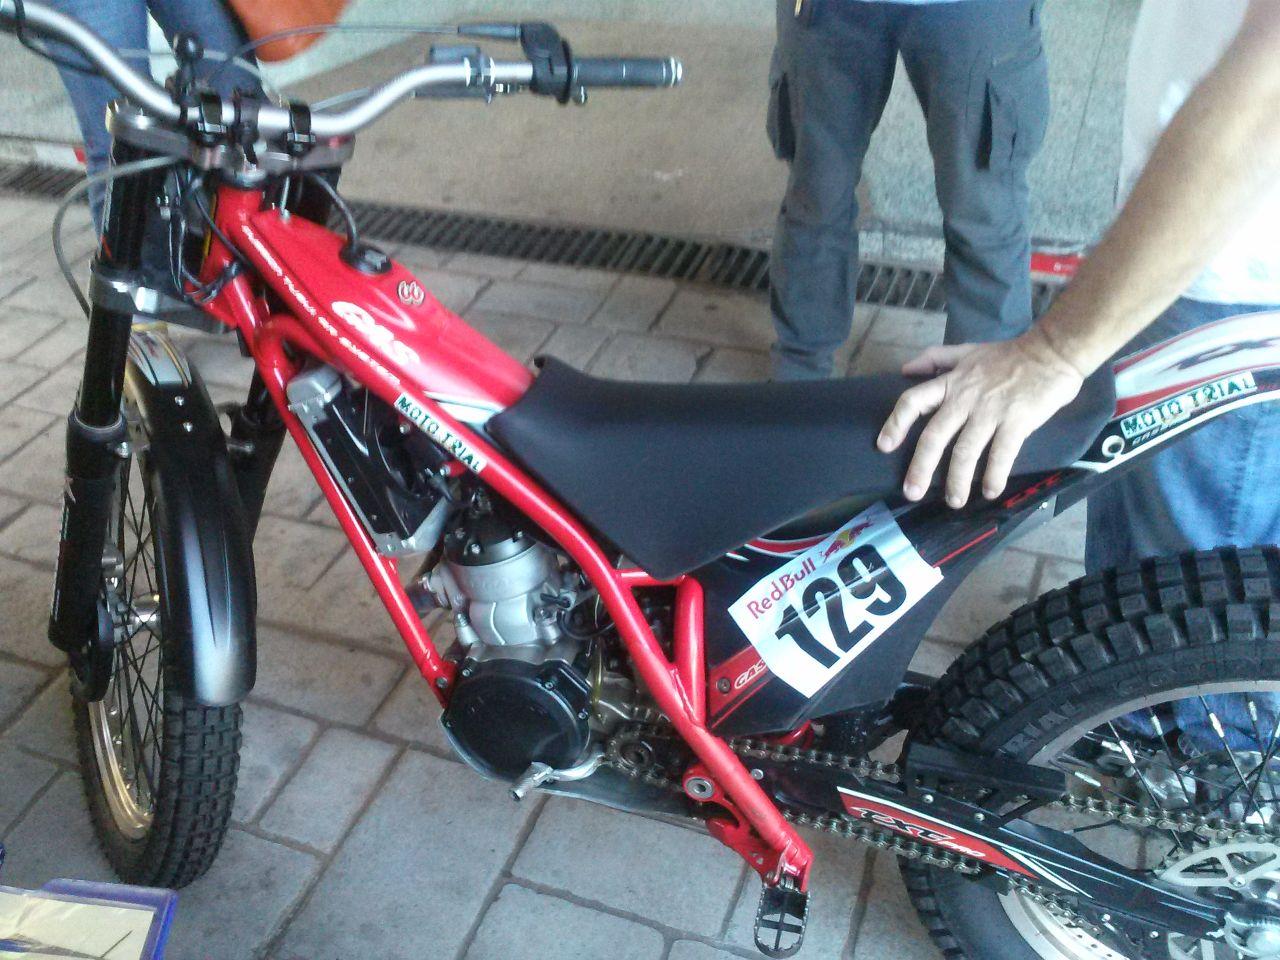 KTM seat on a GasGas